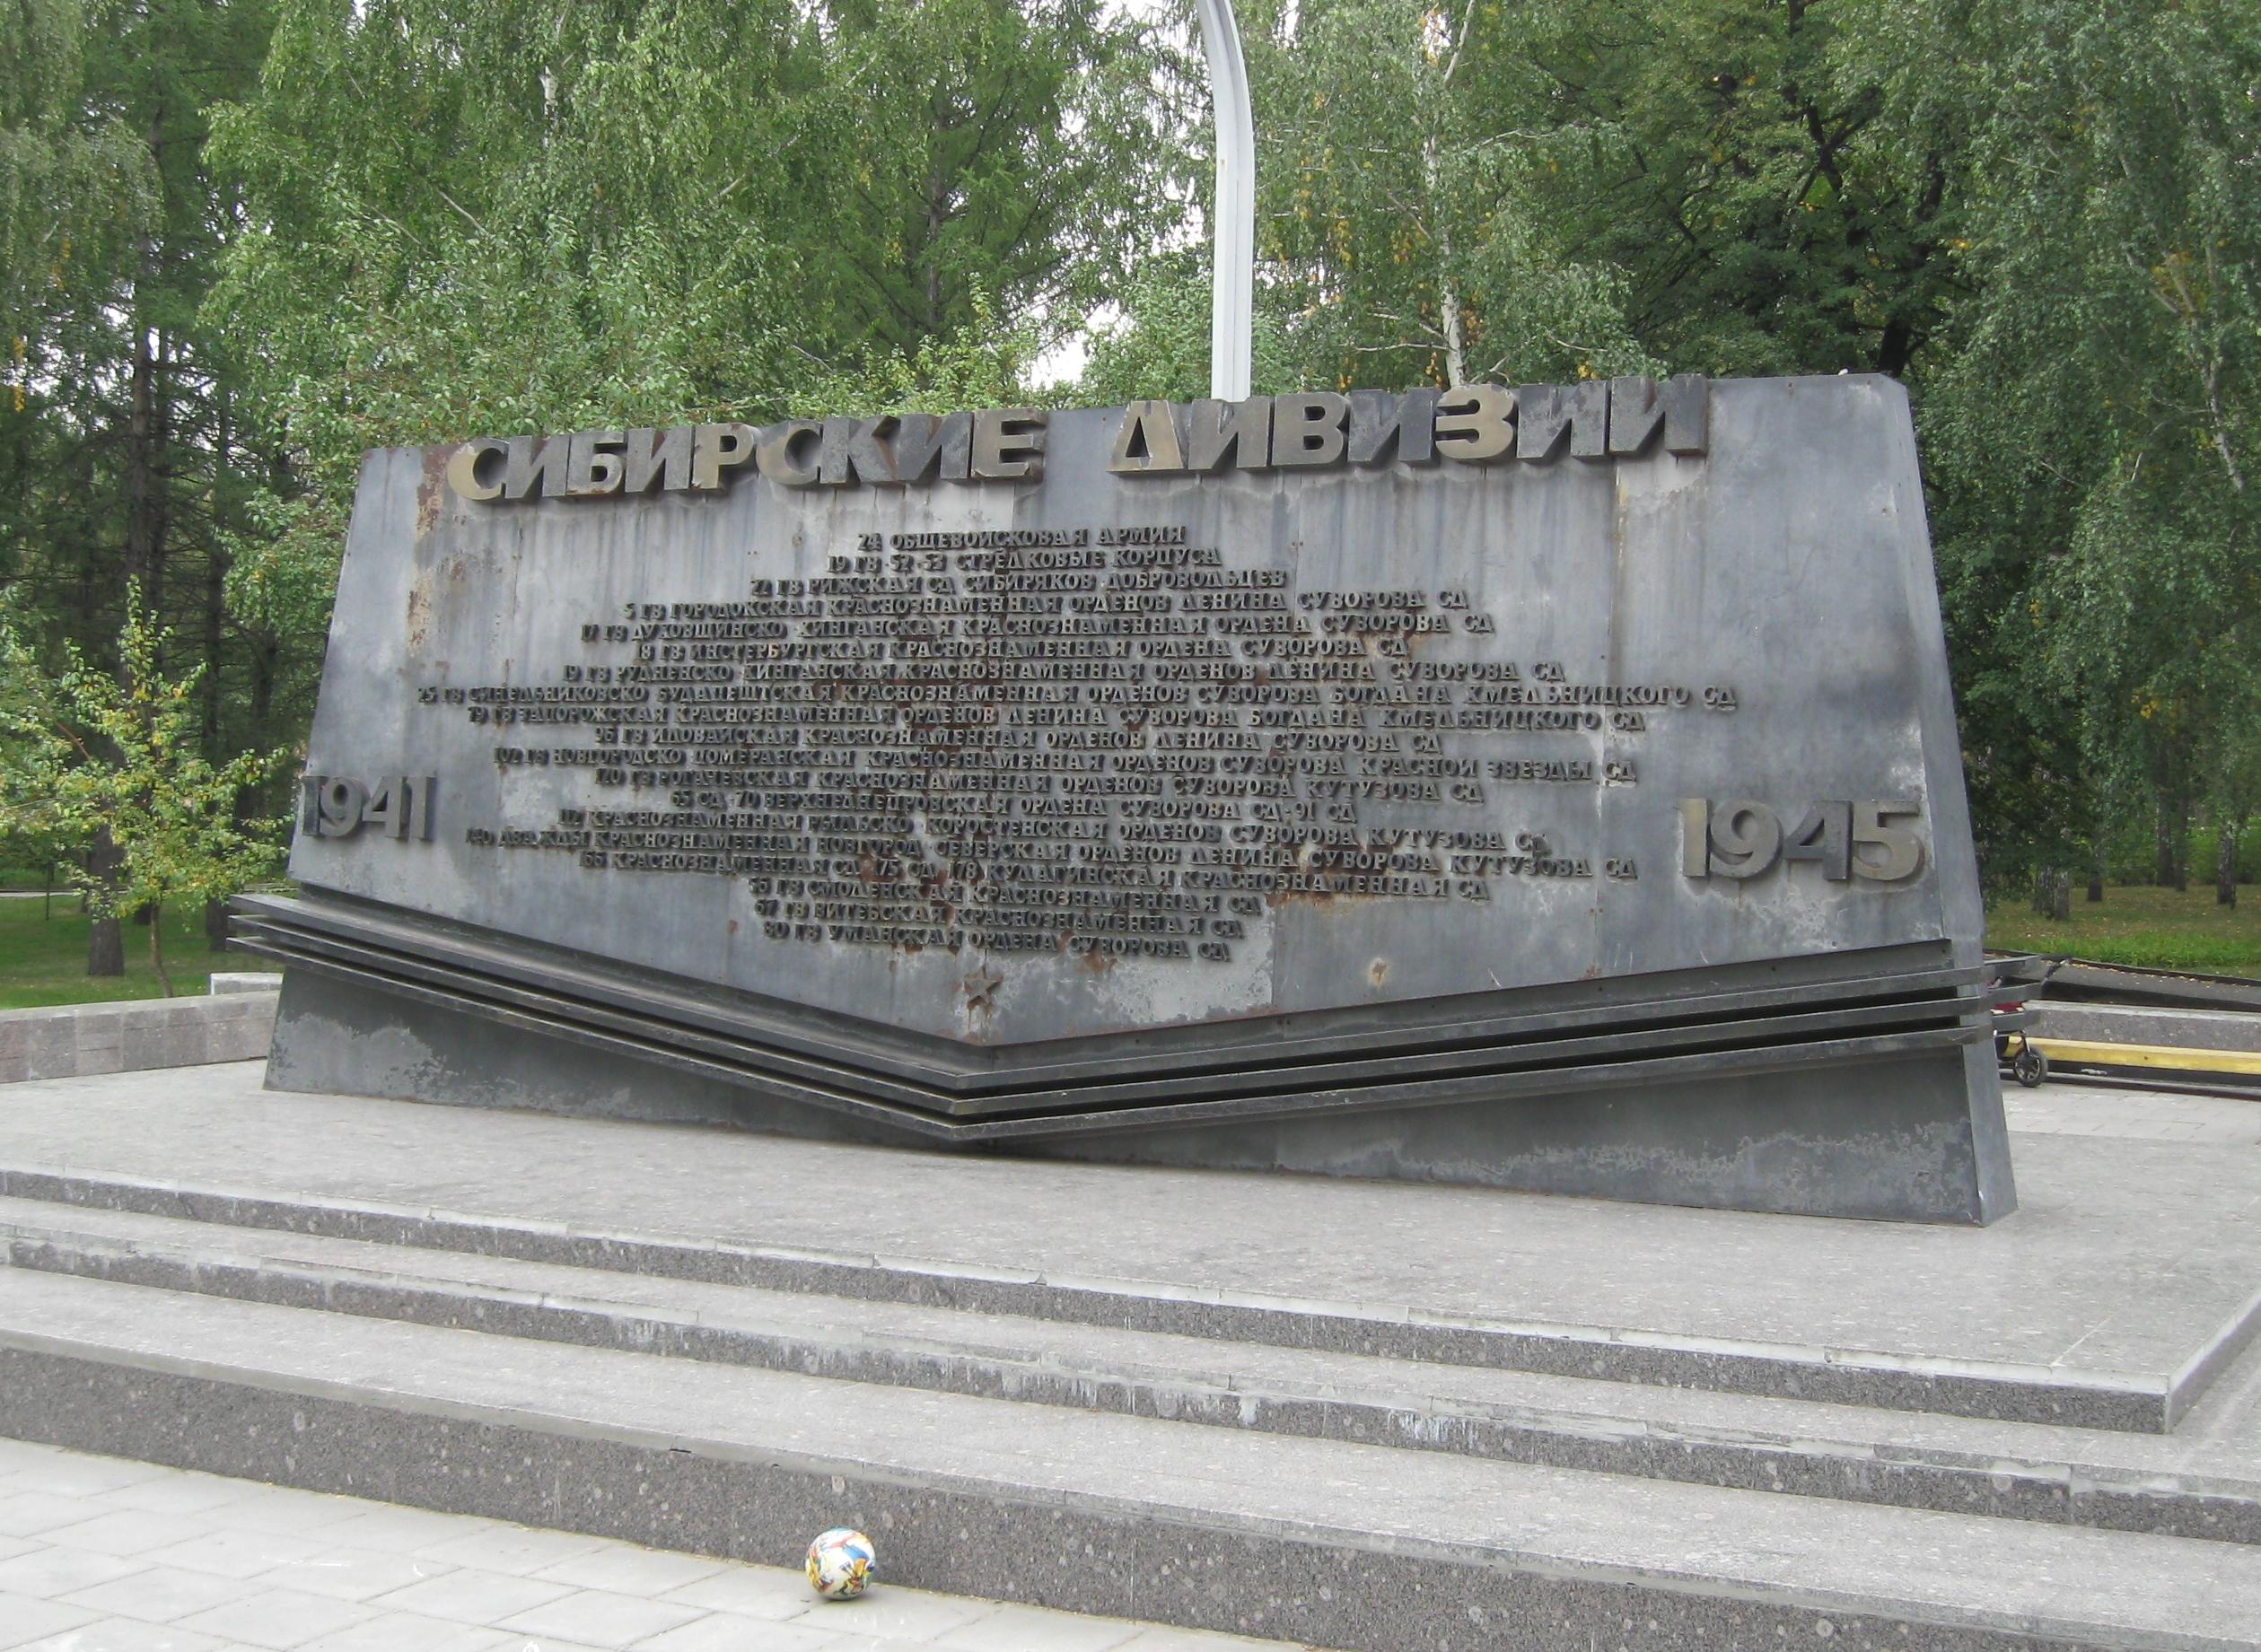 В крае проживают 3058 участников и инвалидов великой отечественной войны, 298 граждан, награжденных знаком жителю блокадного ленинграда, 442 бывших узника фашистских концлагерей, 32873 труженика тыла